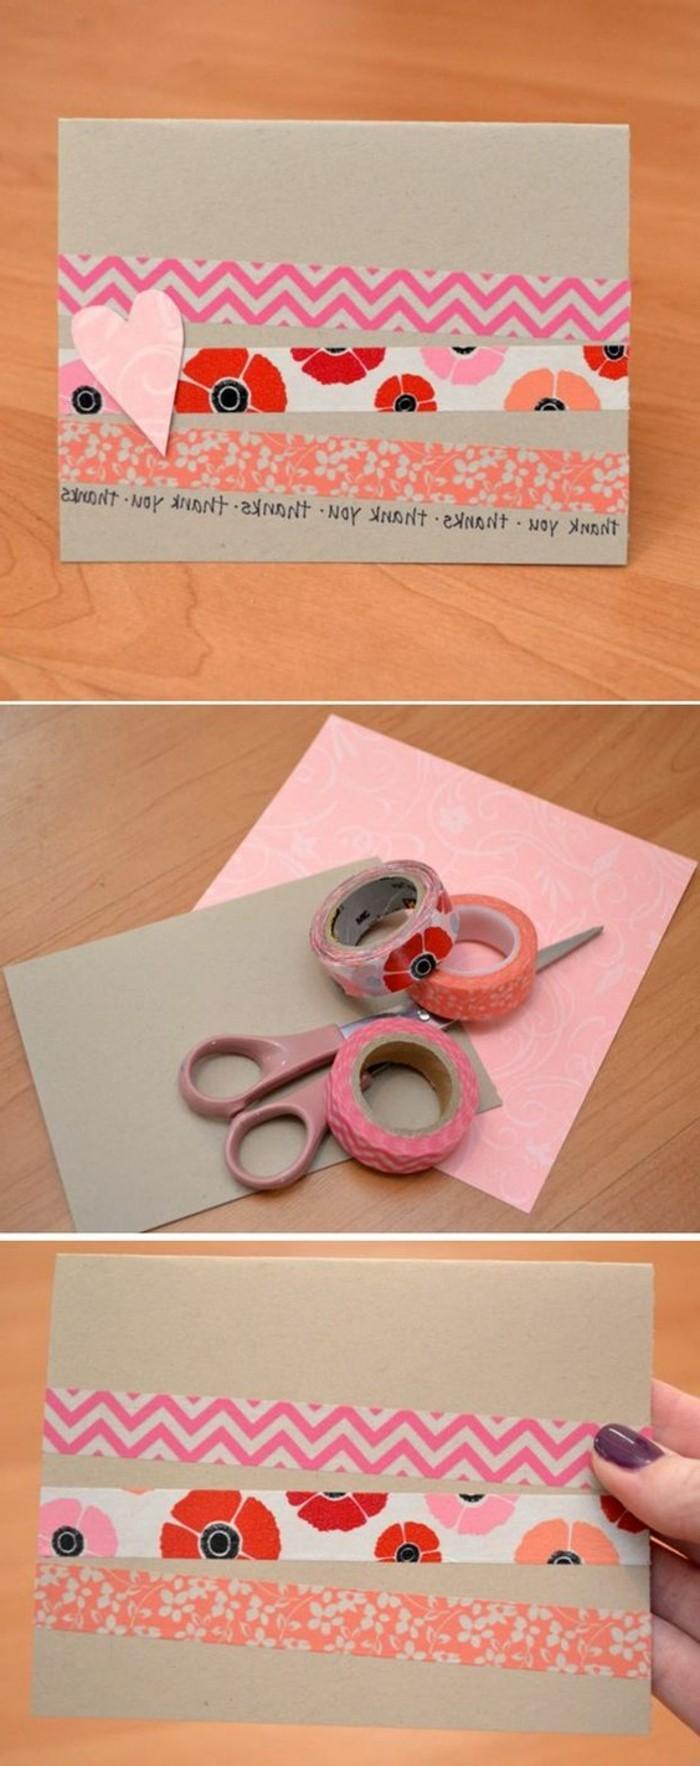 une-jolie-carte-de-remerciement-a-faire-soi-meme-deco-masking-tape-creative